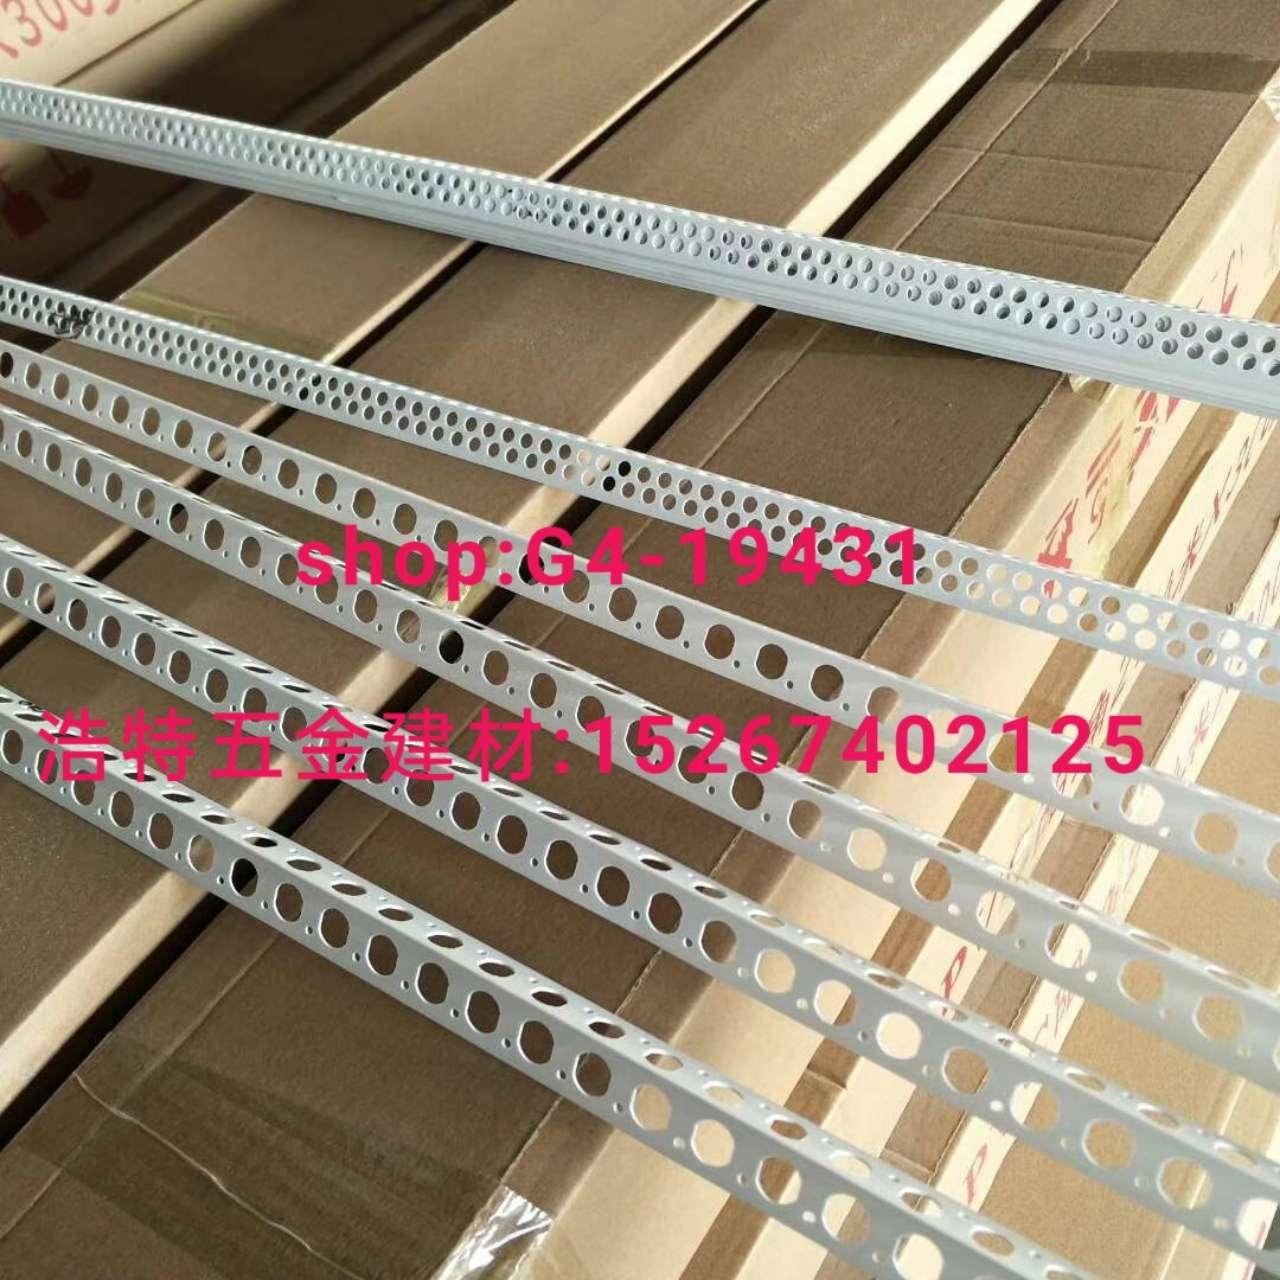 铝护角 条阳角条补缝条修边条分割条直角条卡槽开口条pvc护角网踢脚线铝条。